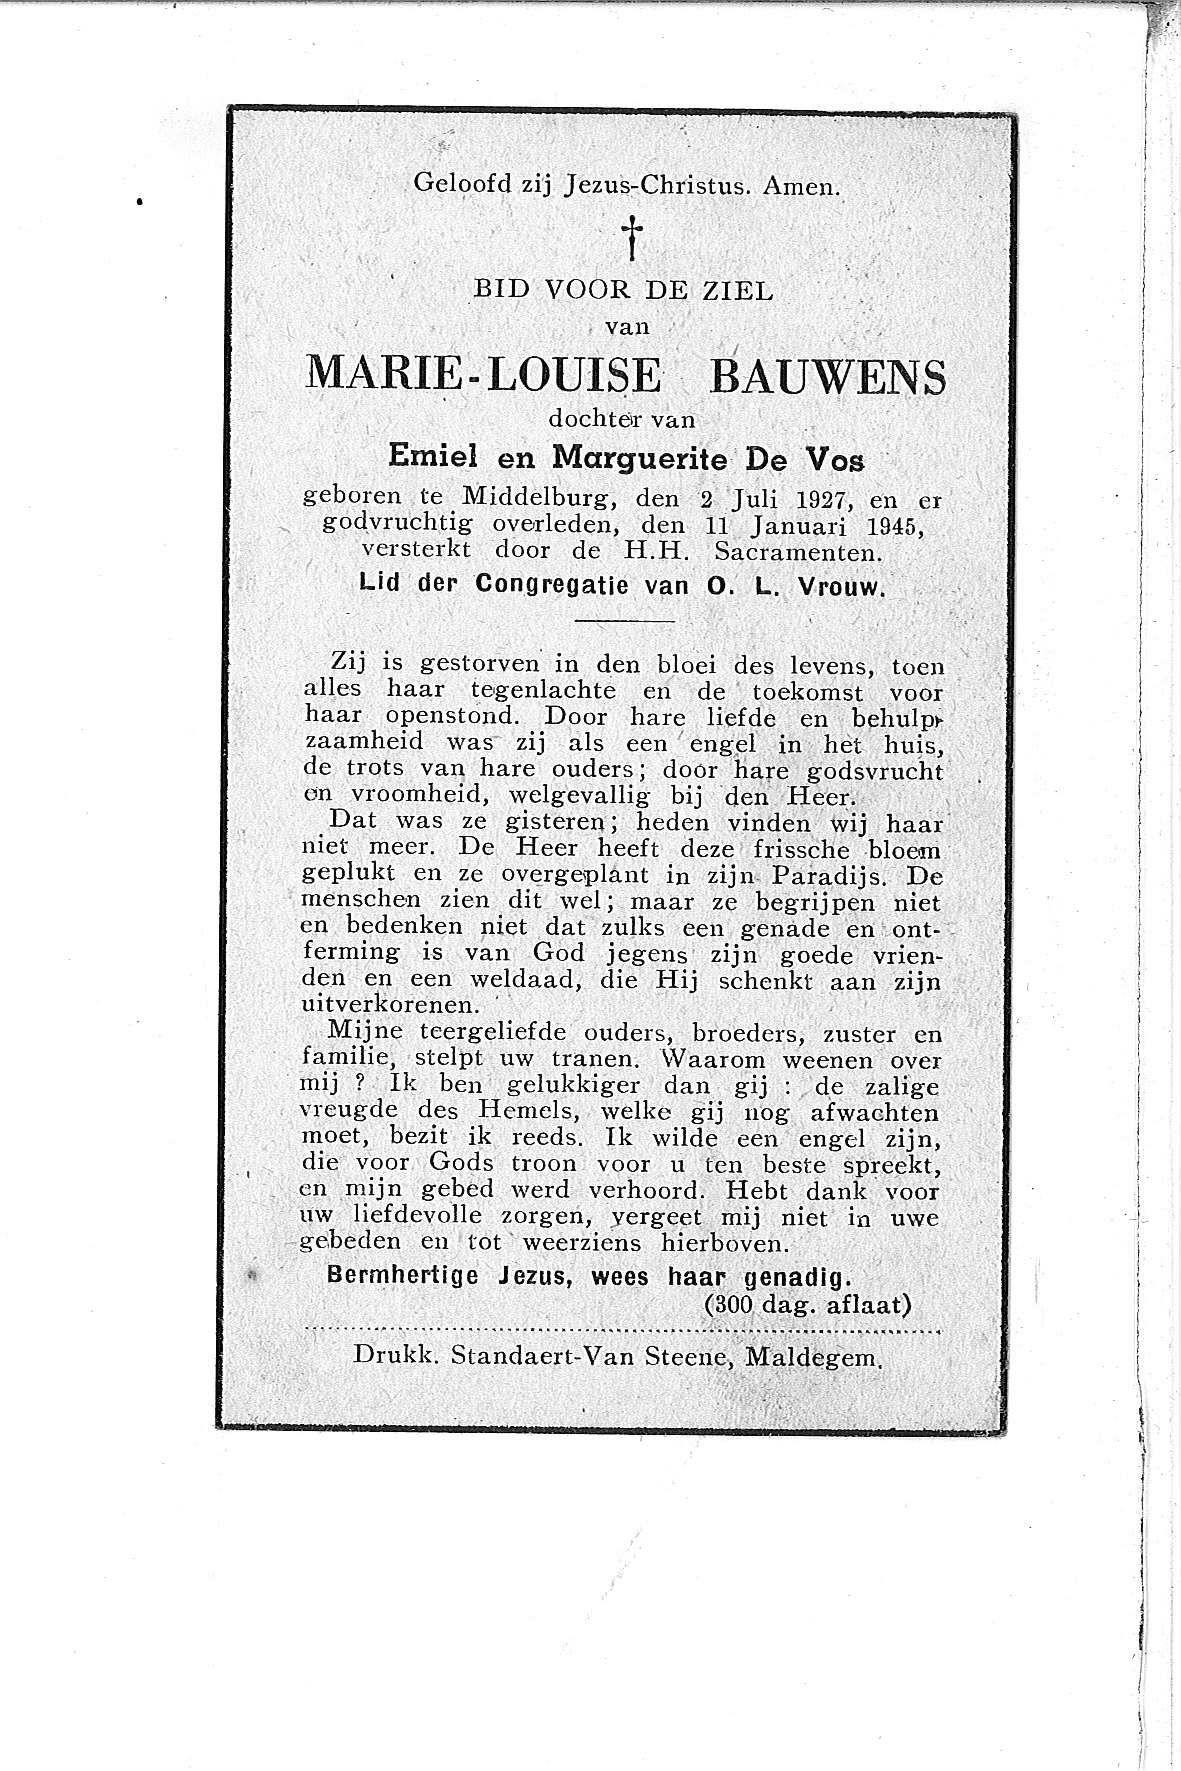 Marie-Louise(1945)20101103090301_00033.jpg